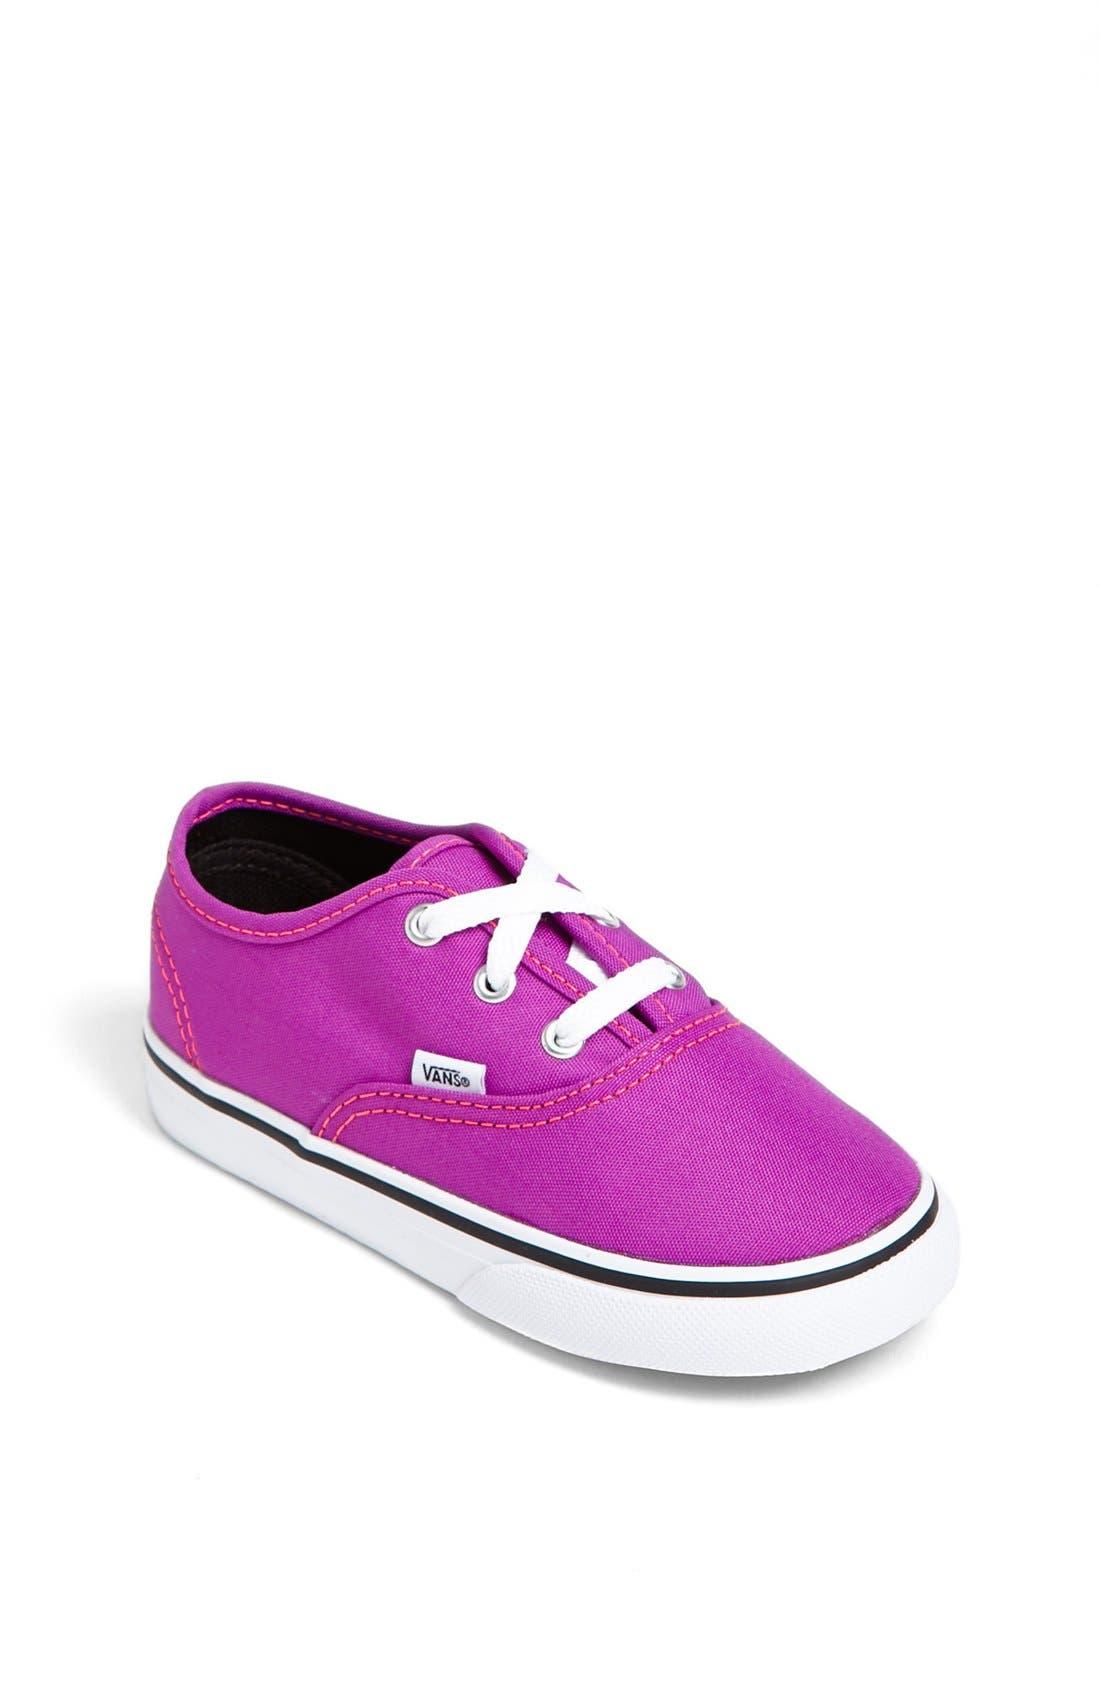 Main Image - Vans 'Authentic' Neon Sneaker (Baby, Walker & Toddler)